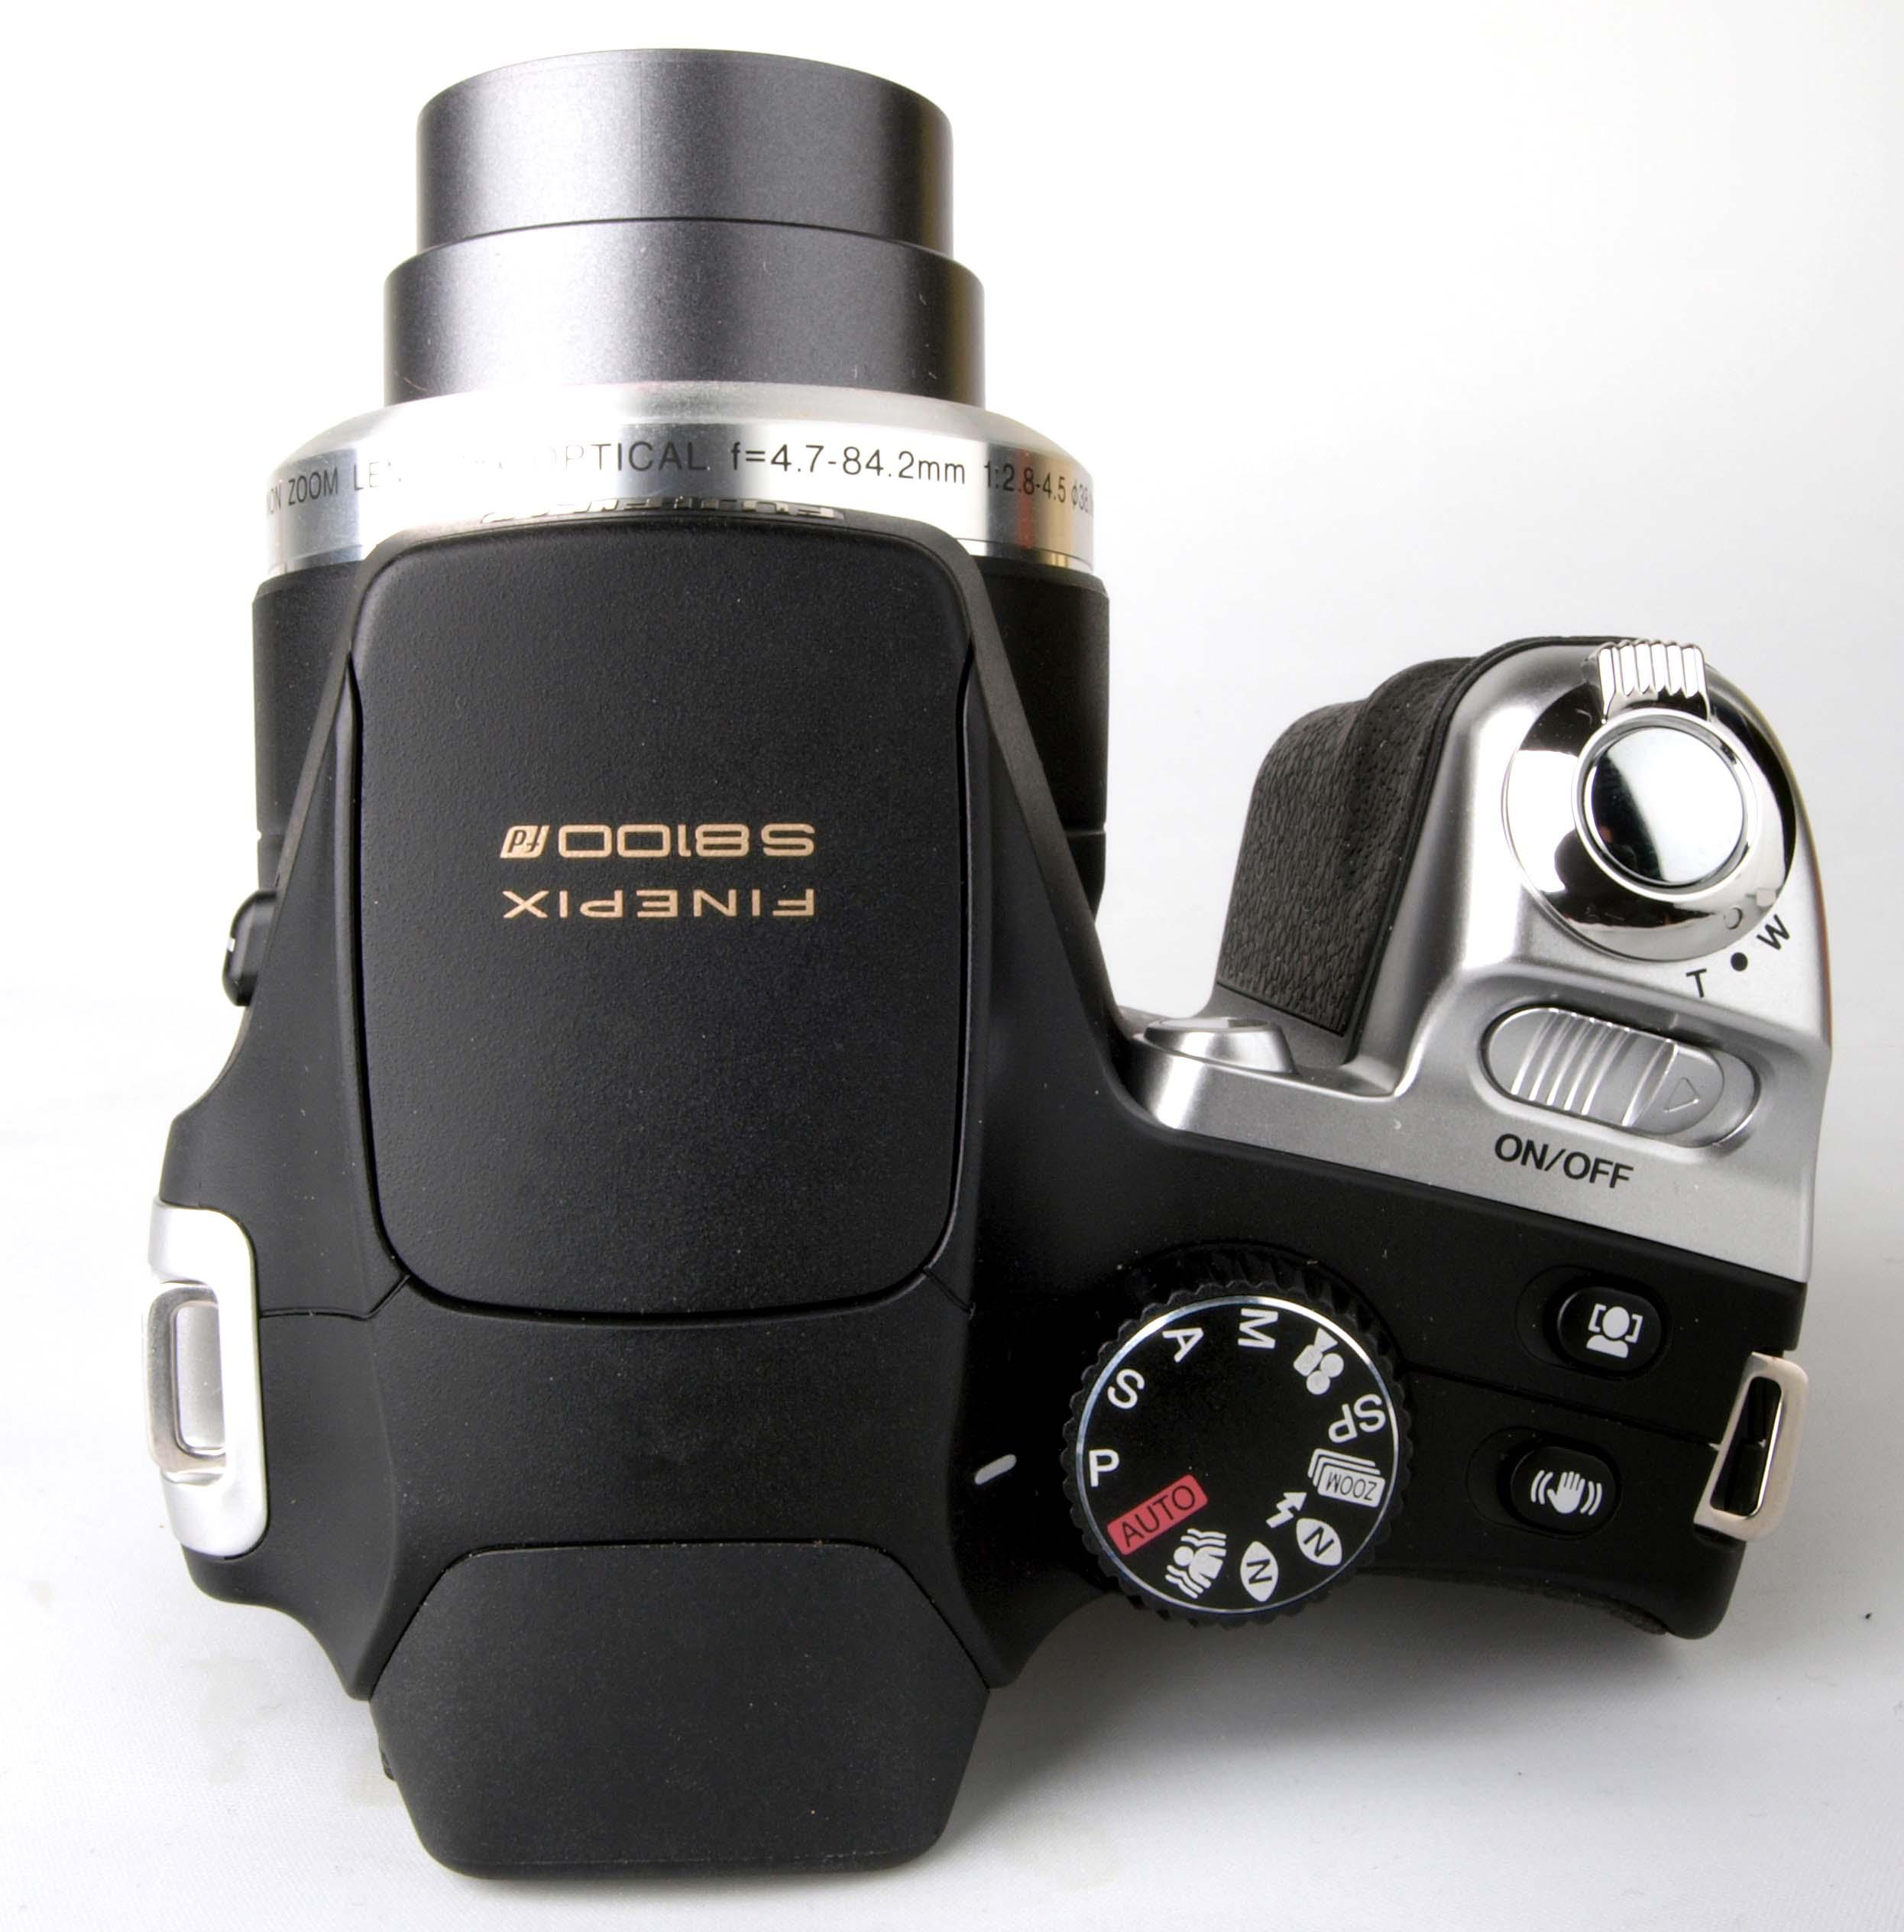 Fujifilm s8100fd prix fujifilm finepix s8100fd for Fujifilm s8100fd prix